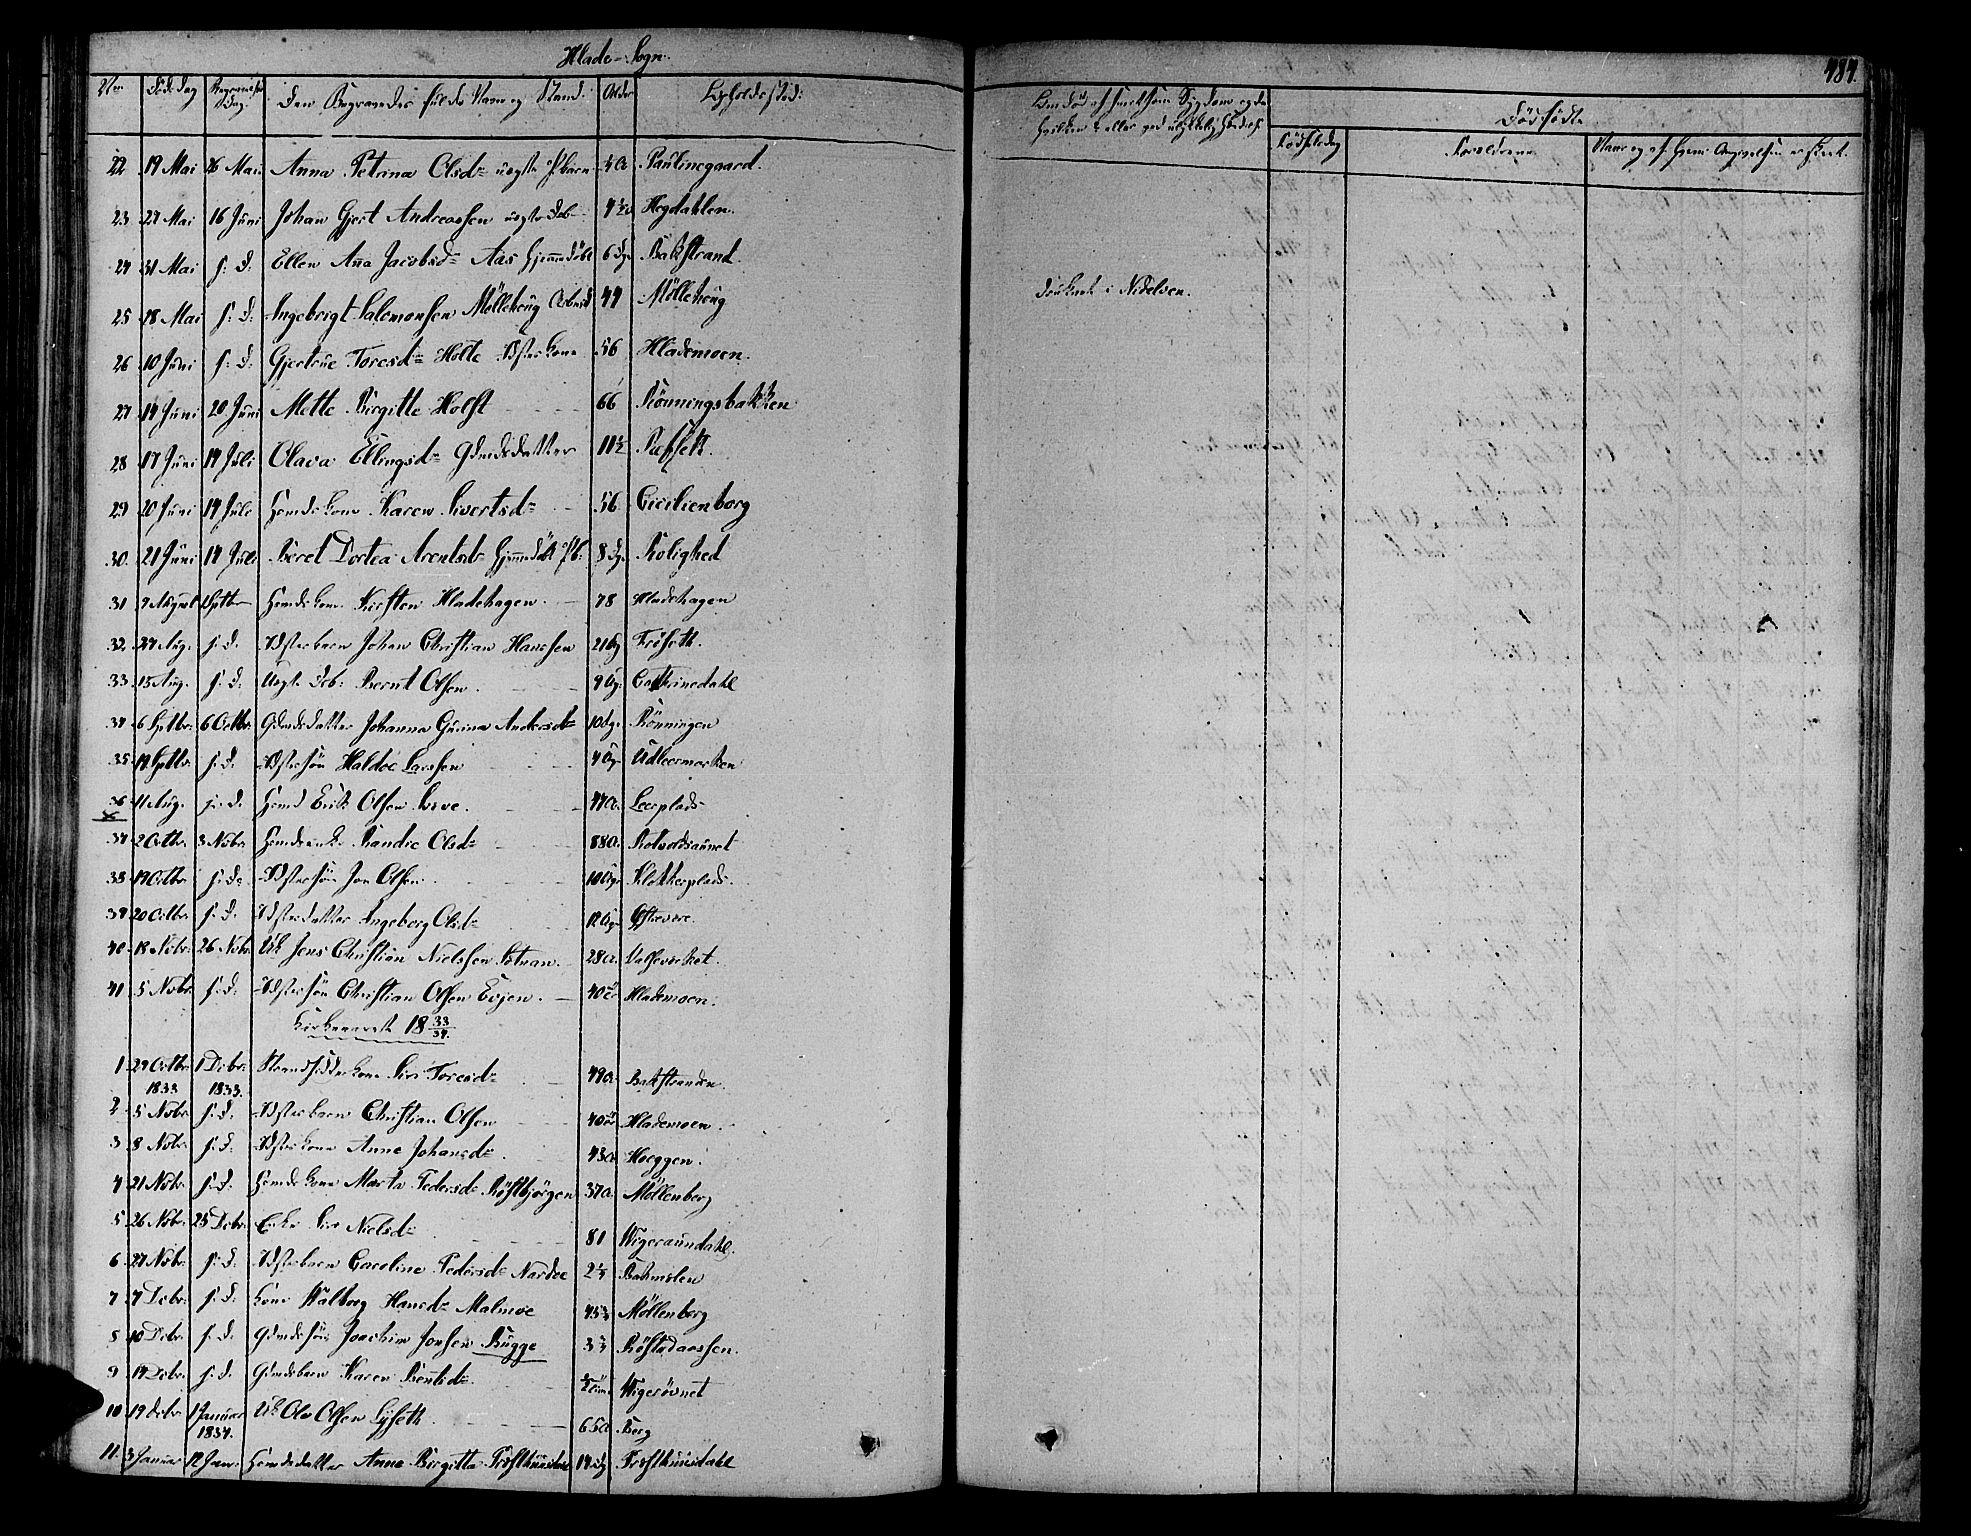 SAT, Ministerialprotokoller, klokkerbøker og fødselsregistre - Sør-Trøndelag, 606/L0286: Ministerialbok nr. 606A04 /1, 1823-1840, s. 484